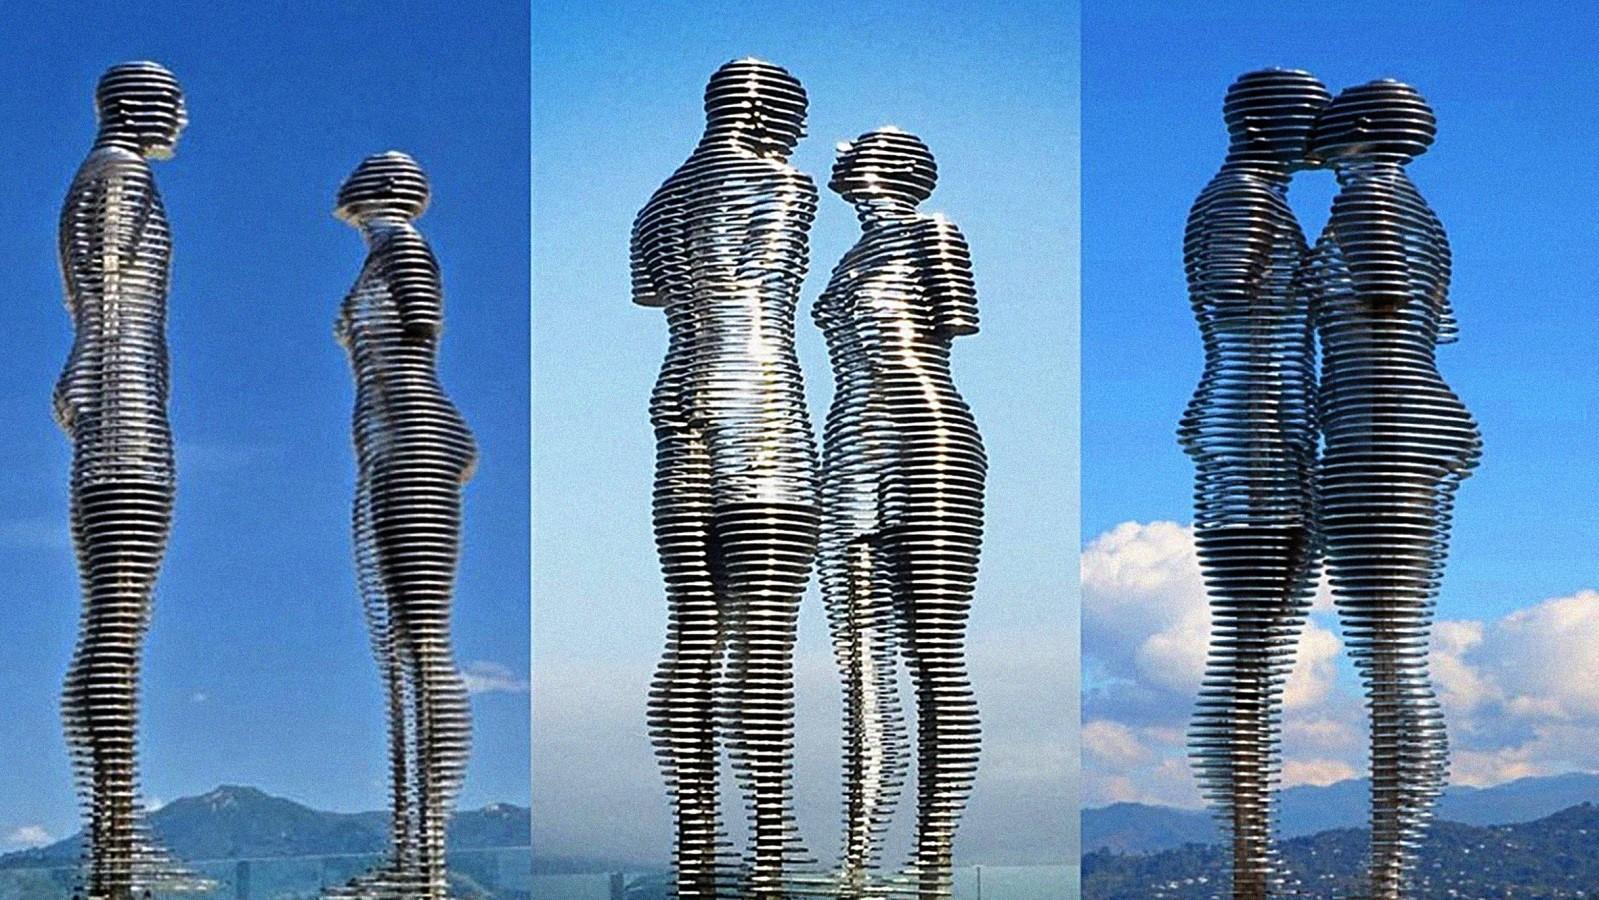 15 оригинальных скульптур со всего света, над которыми не властны законы физики